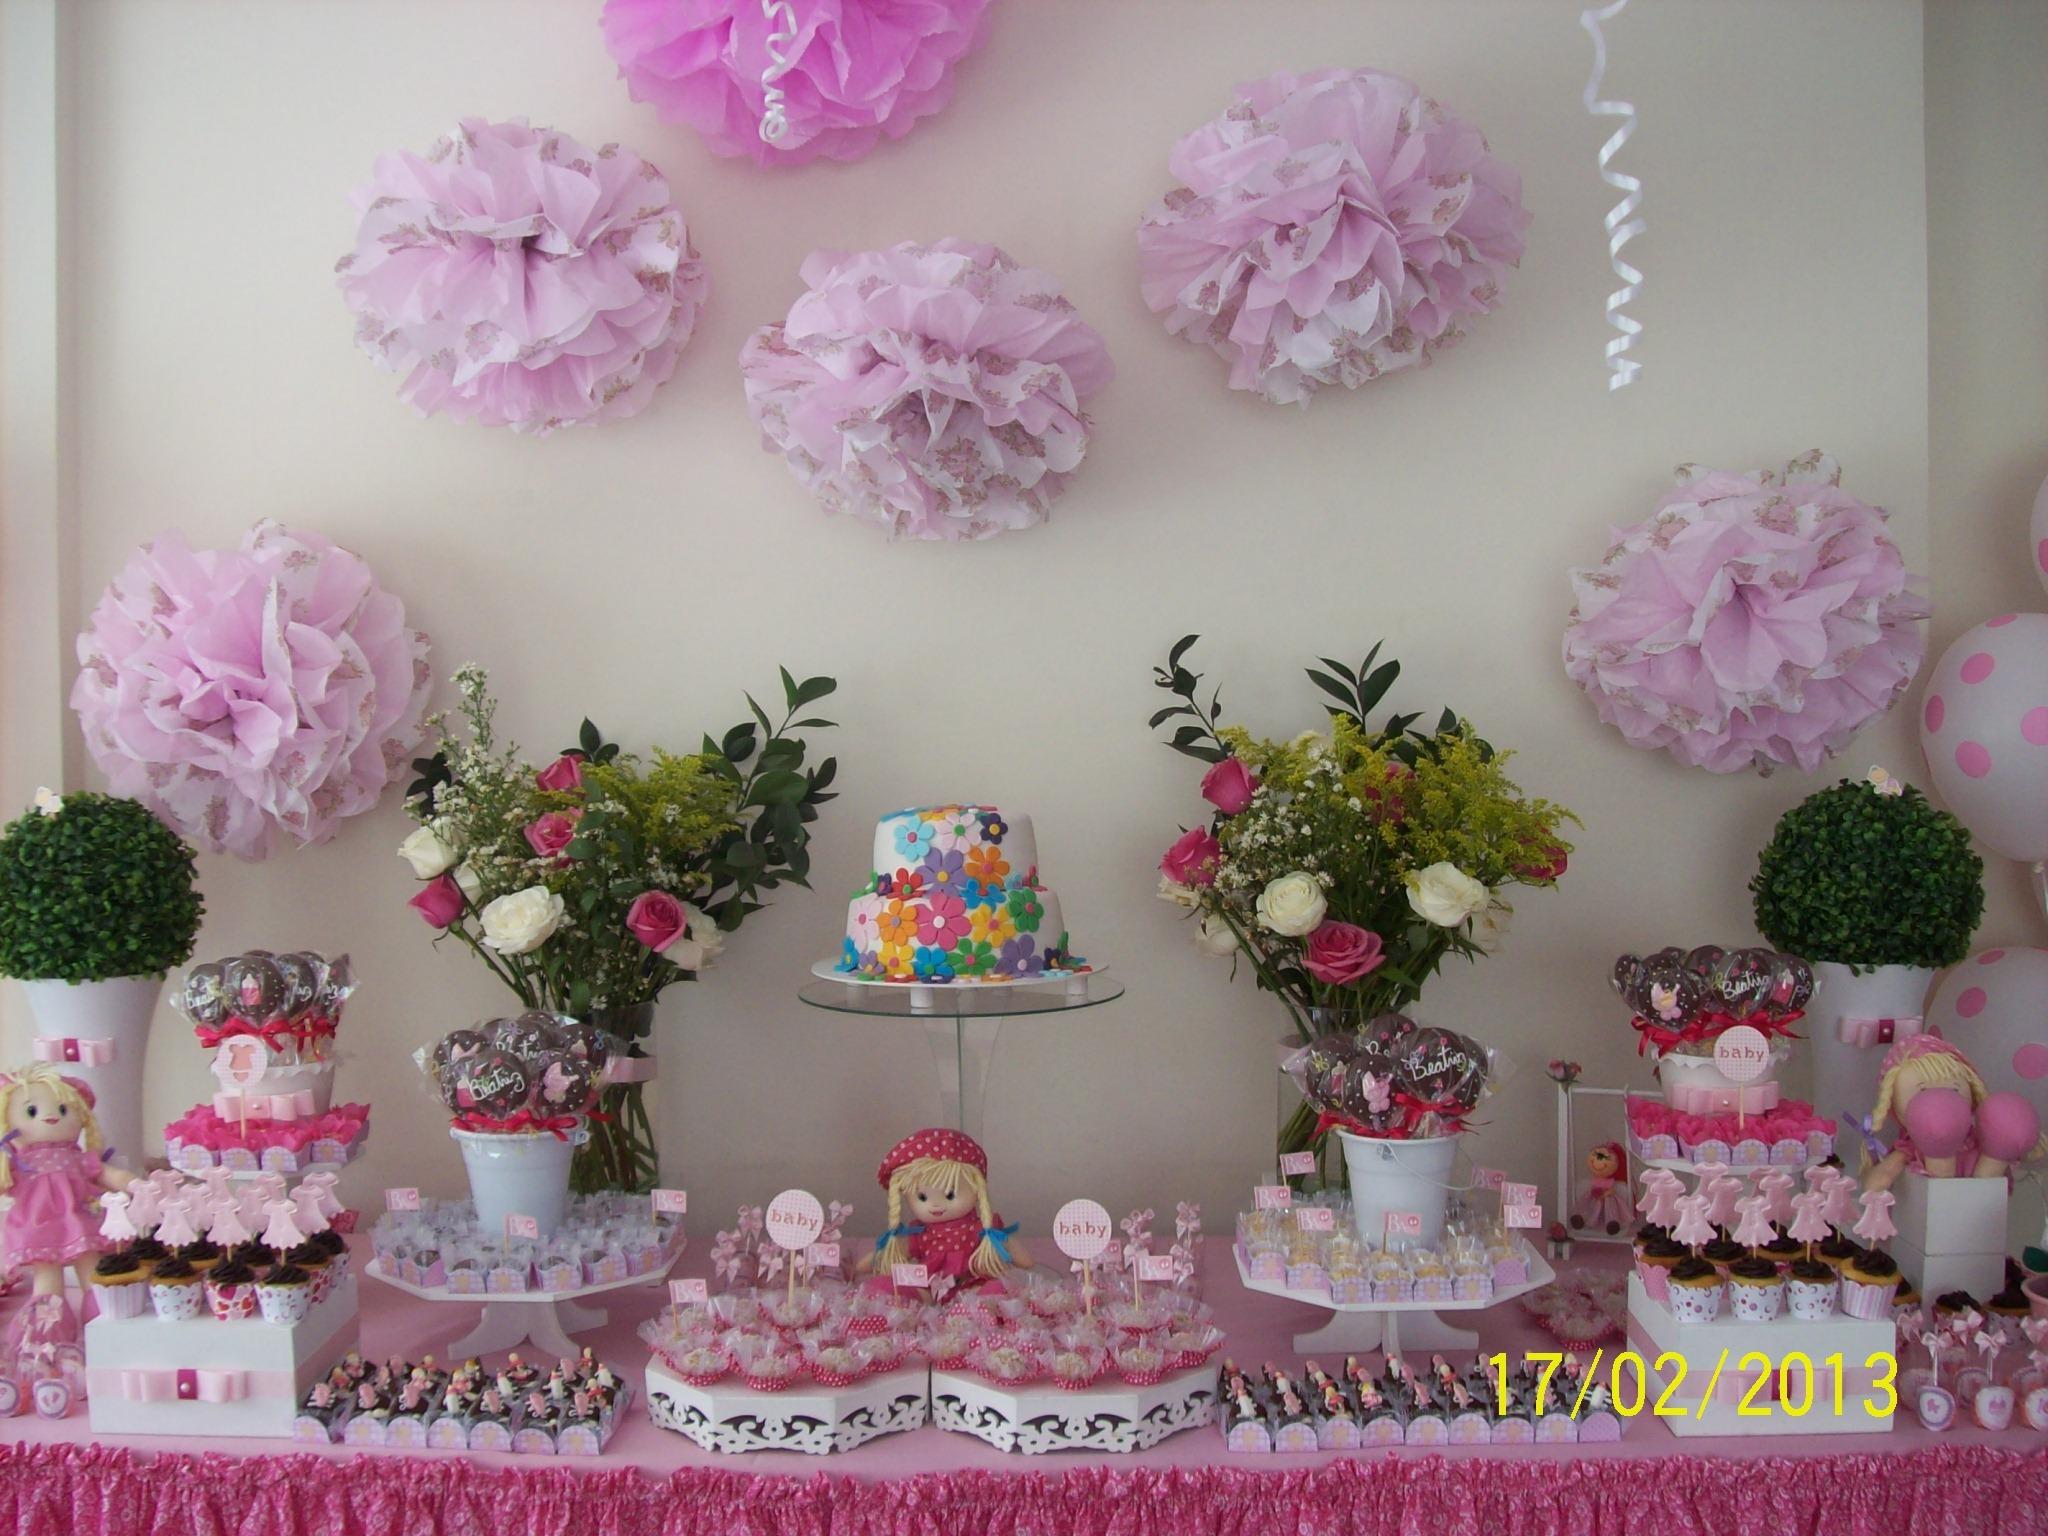 #913A66 Decoração Chá de Bebê menina. Beli Doces Doces e Artesanatos  2048x1536 px Banheiros Decorados Lilas 1007